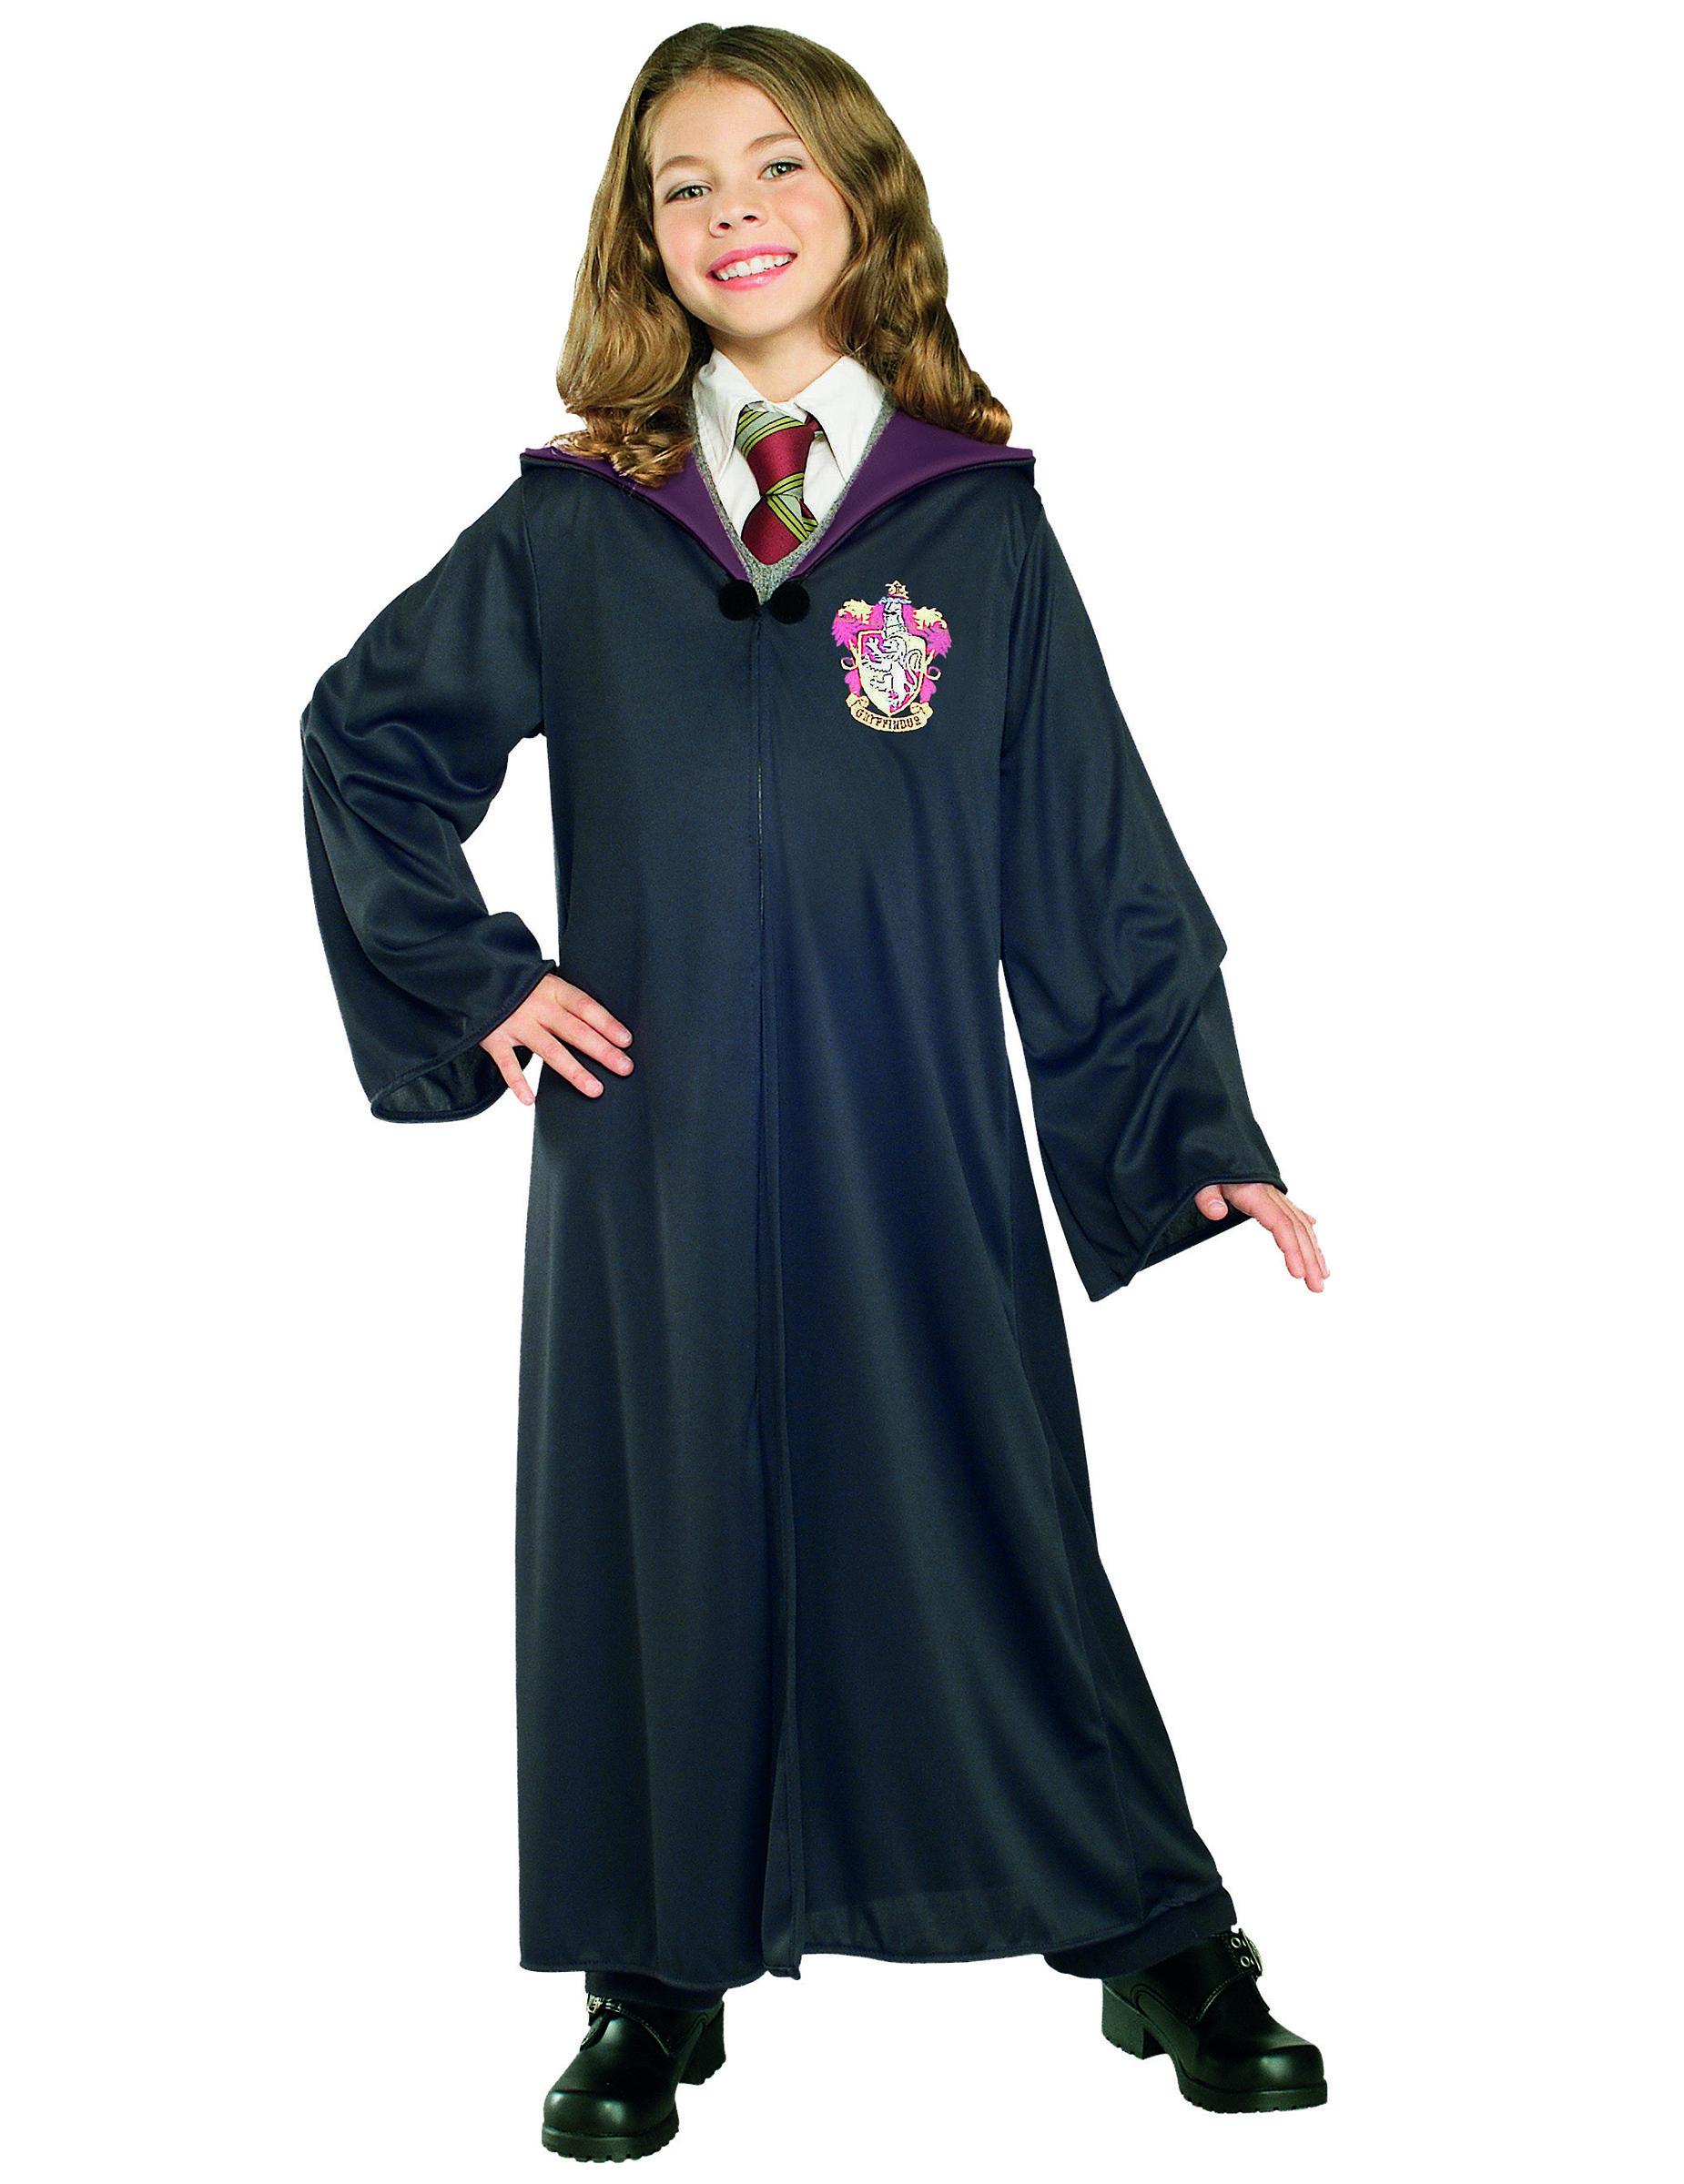 professioneller Verkauf klassische Schuhe Online-Einzelhändler Harry Potter Gryffindor Kinderkostüm Schuluniform schwarz